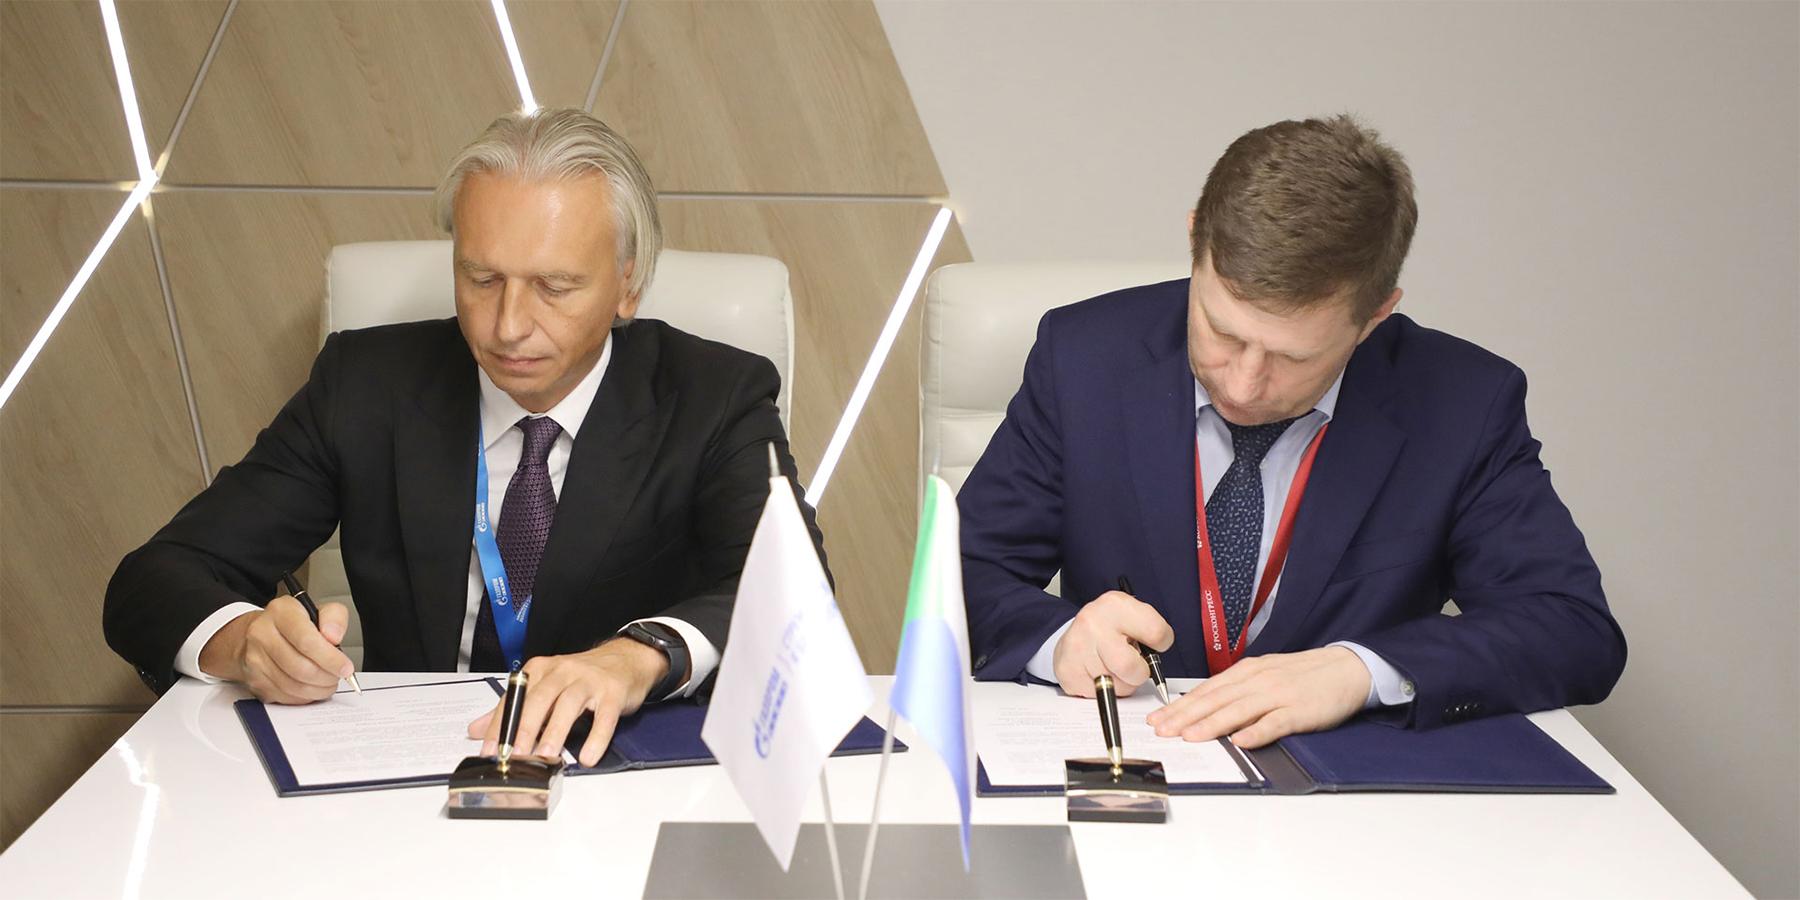 Газпром нефть увеличит поставки высокотехнологичных битумов и смазочных материалов в Хабаровский край